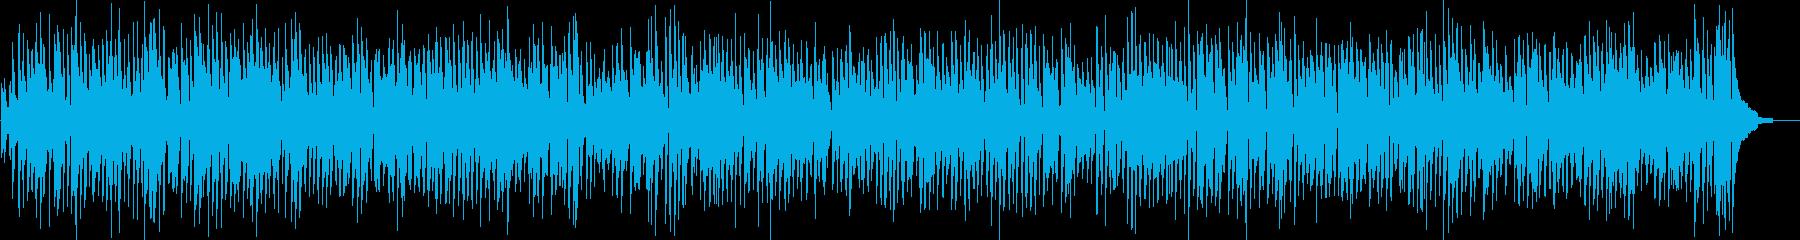 クラリネットの王道ジャズコンボスタイルの再生済みの波形